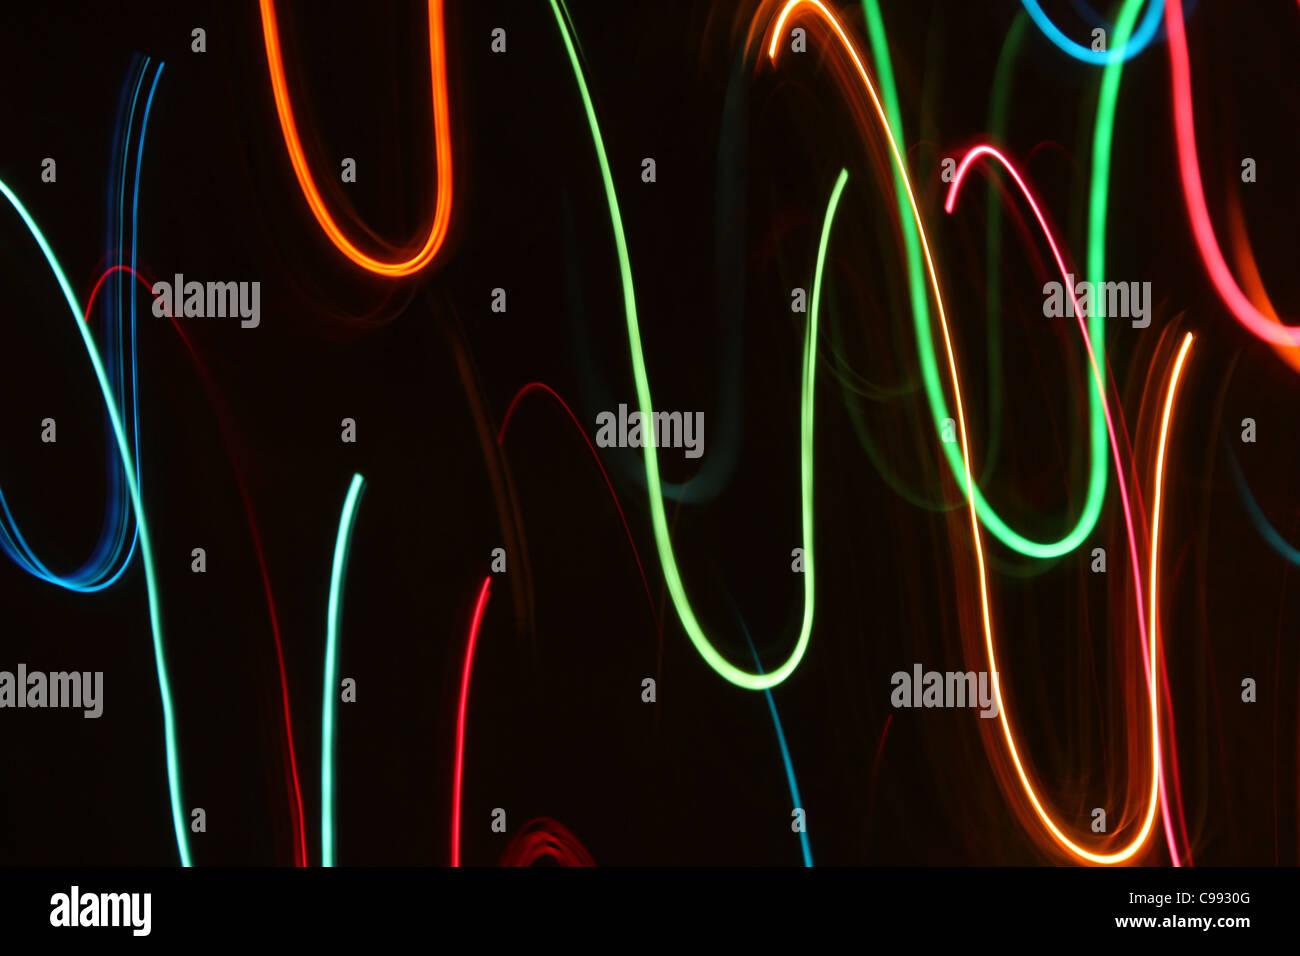 Abstract Christmas lights Stock Photo